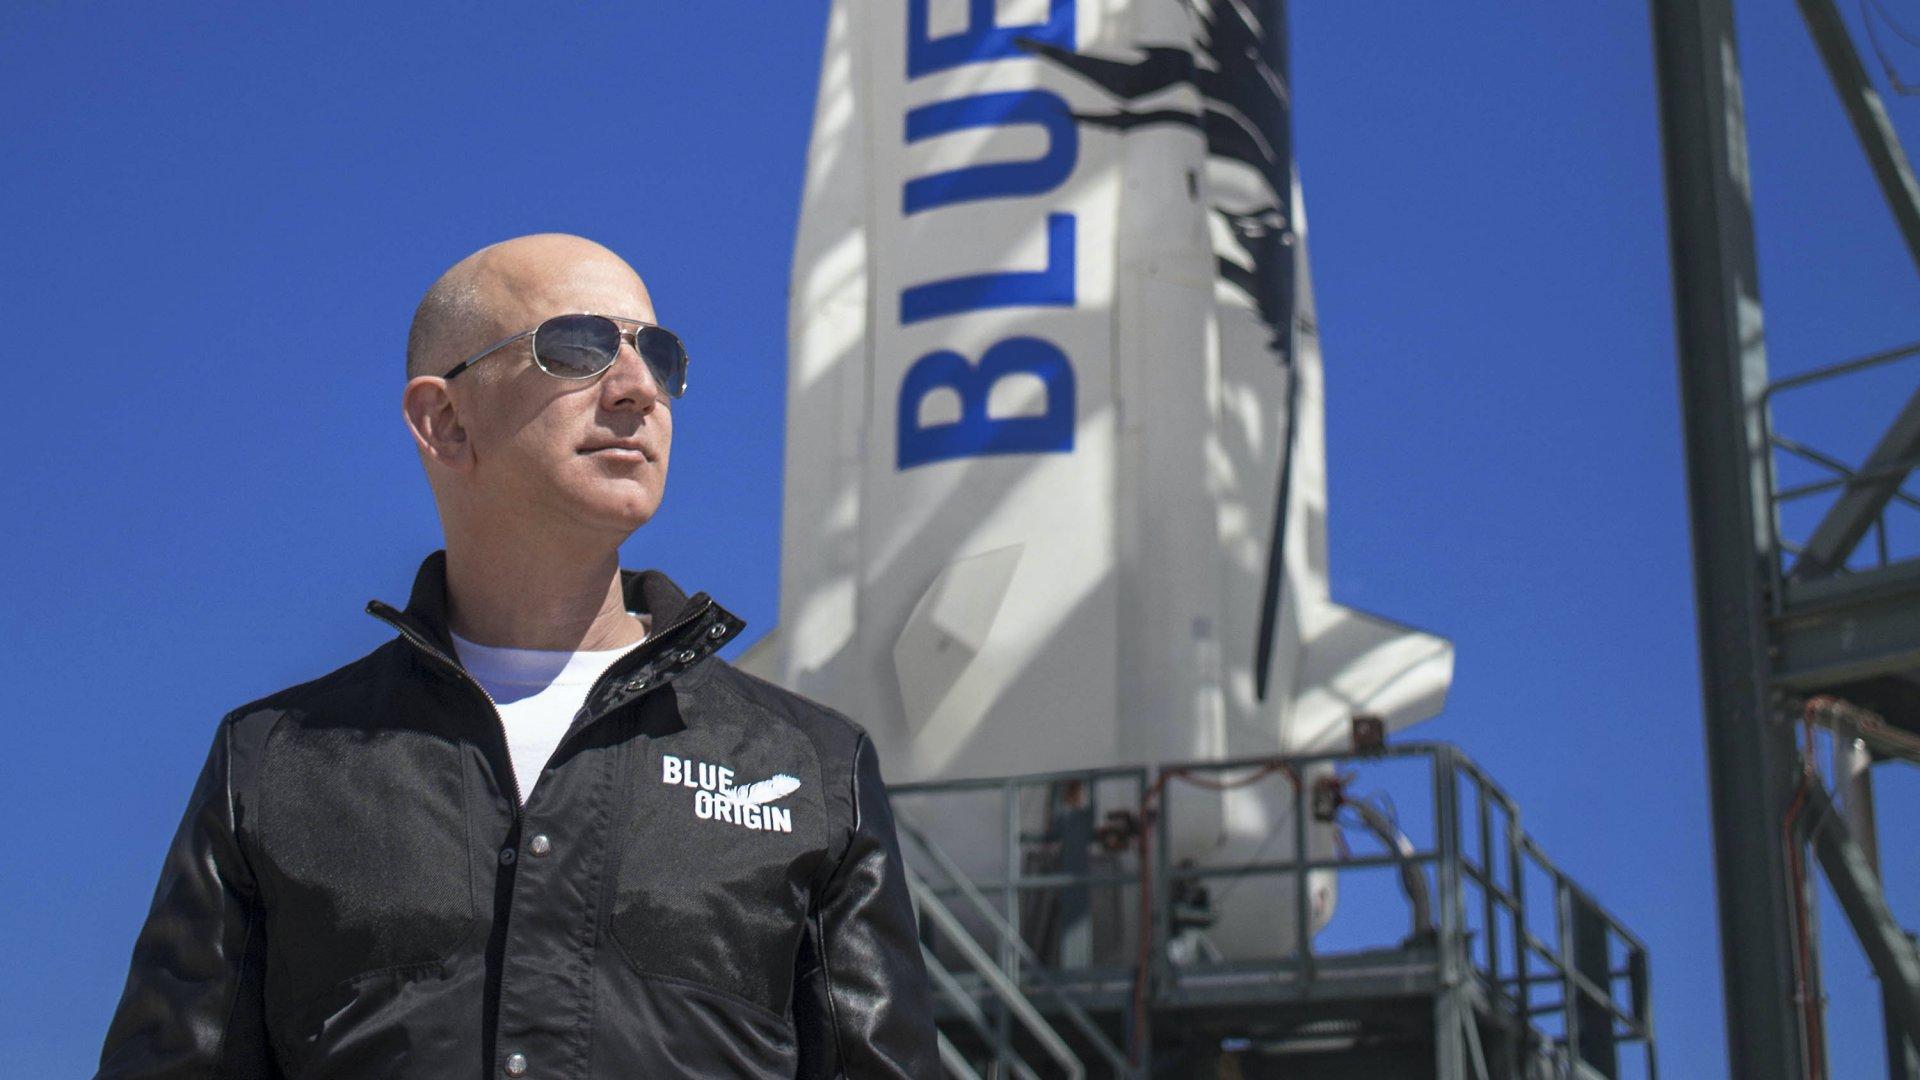 Valaki 8 milliárd forintot fizetett, hogy Jeff Bezosszal utazzon az űrbe